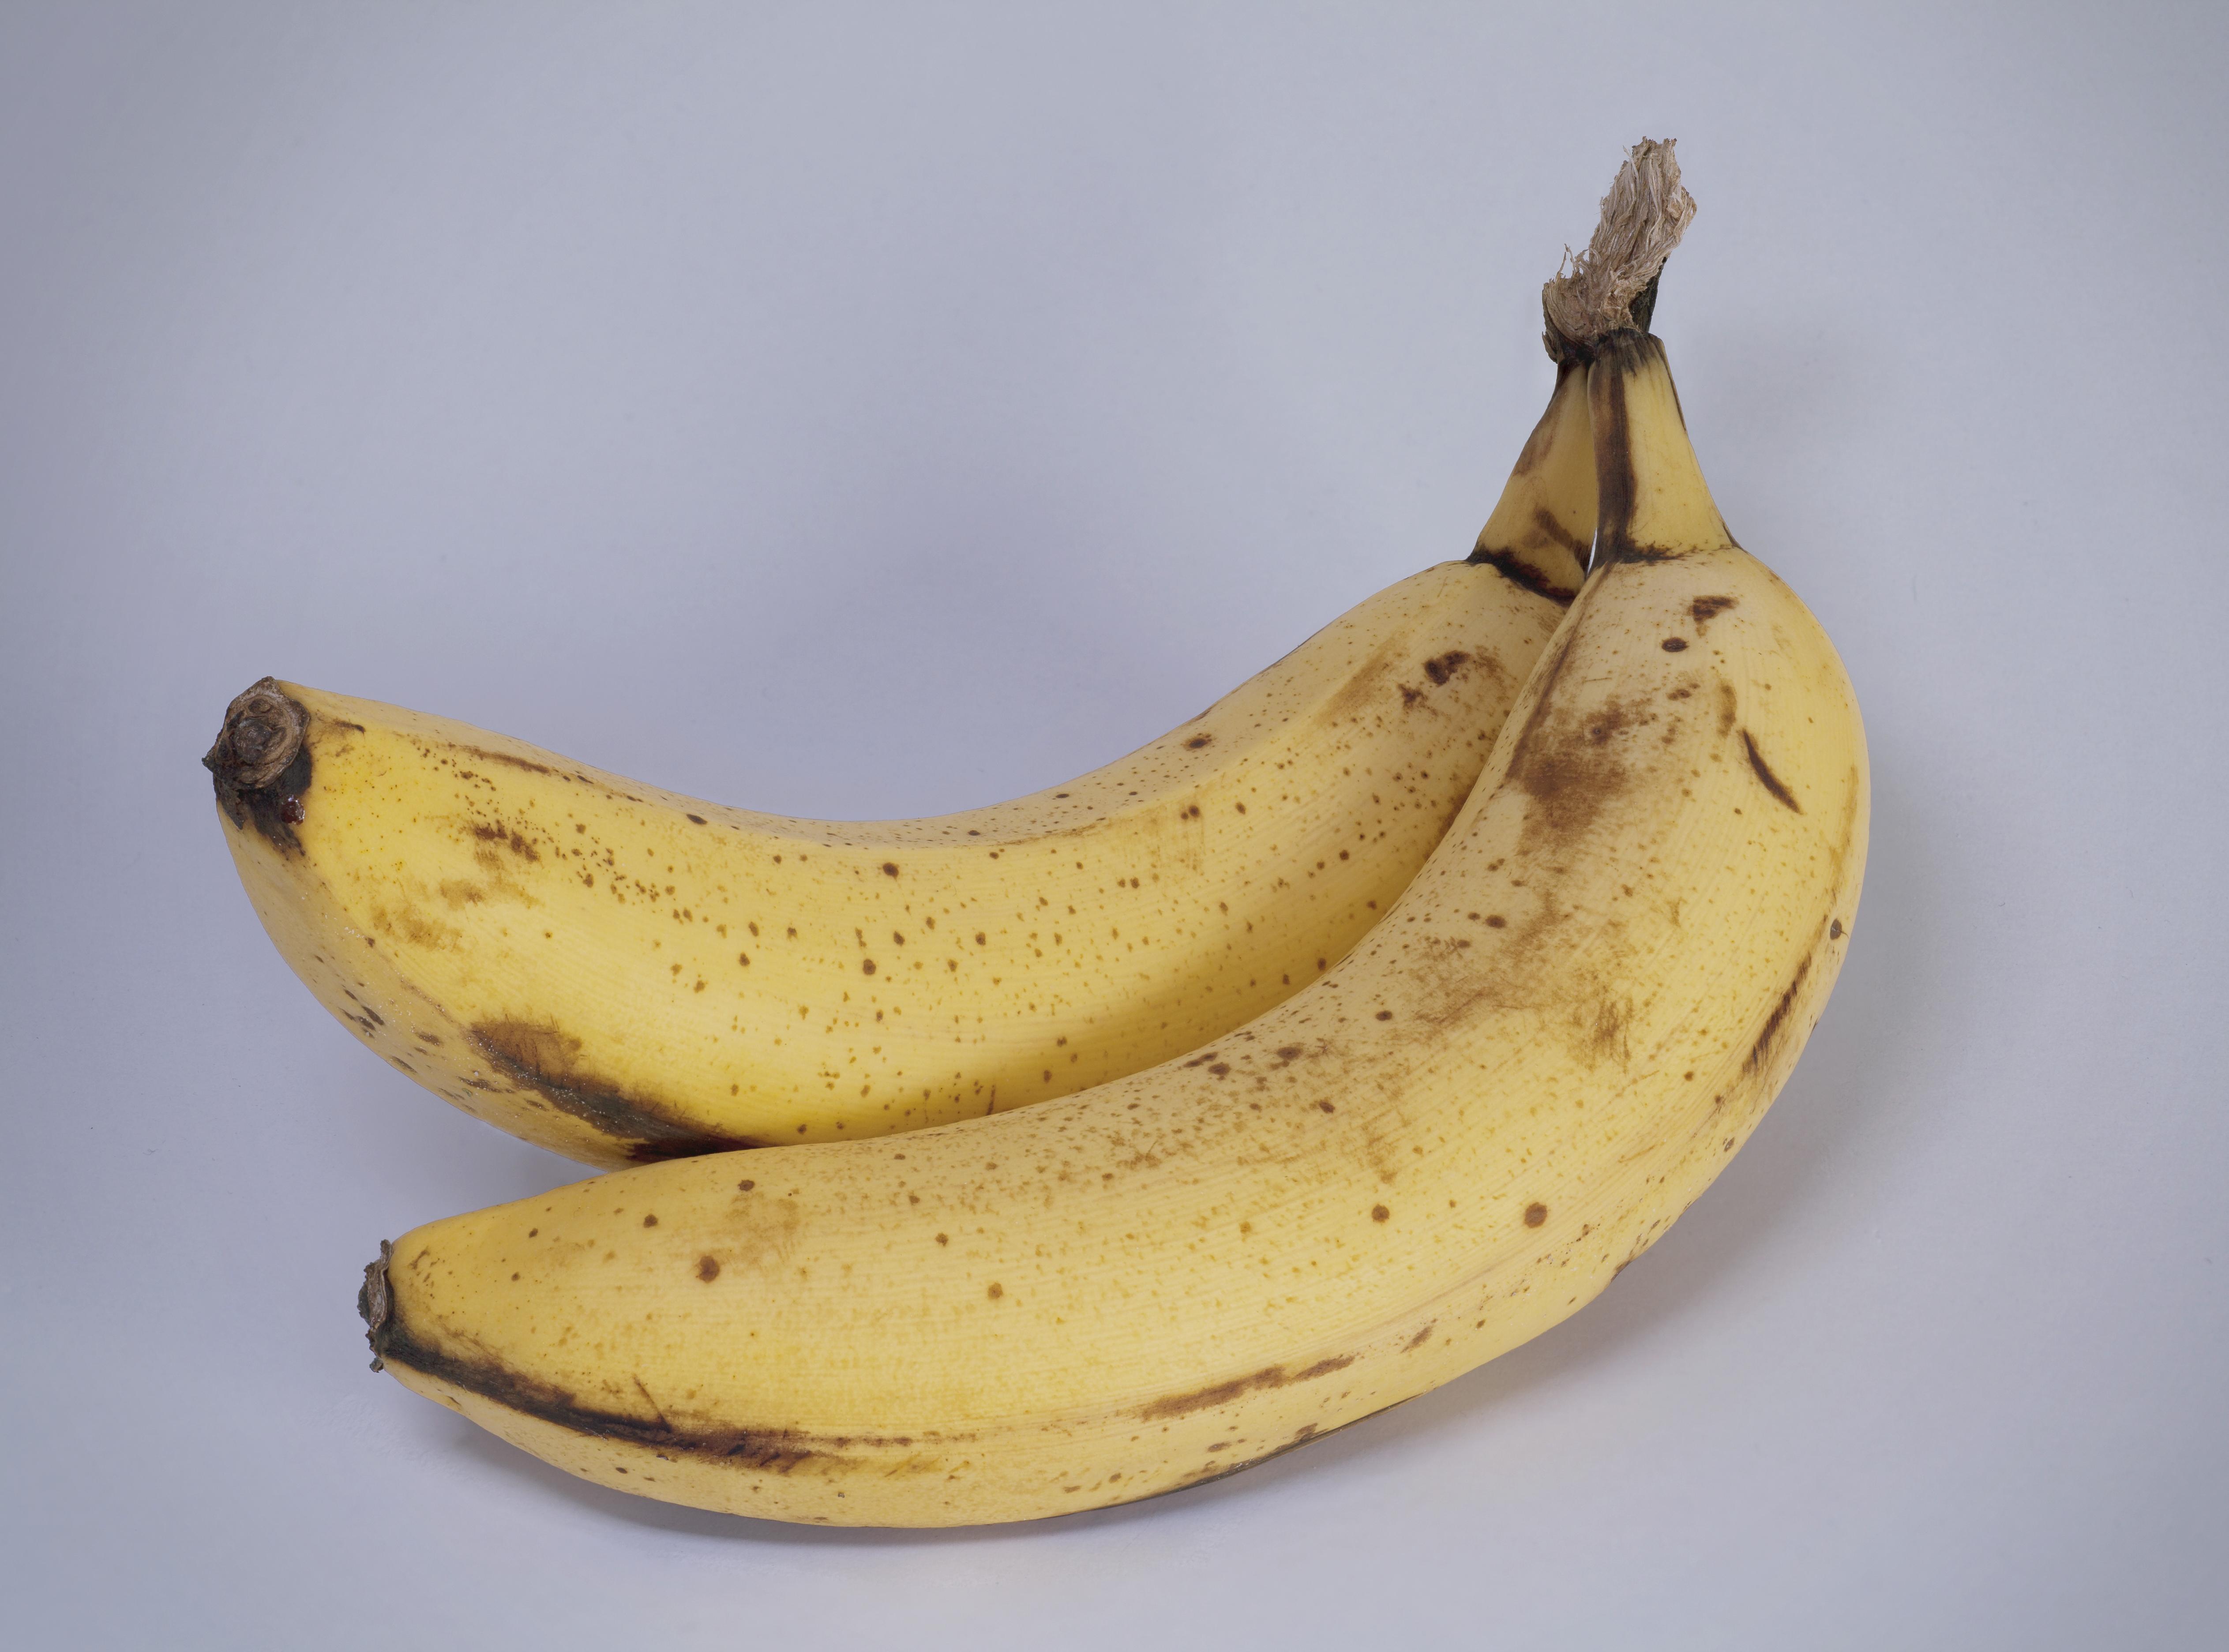 chardakovs banana experiment essay